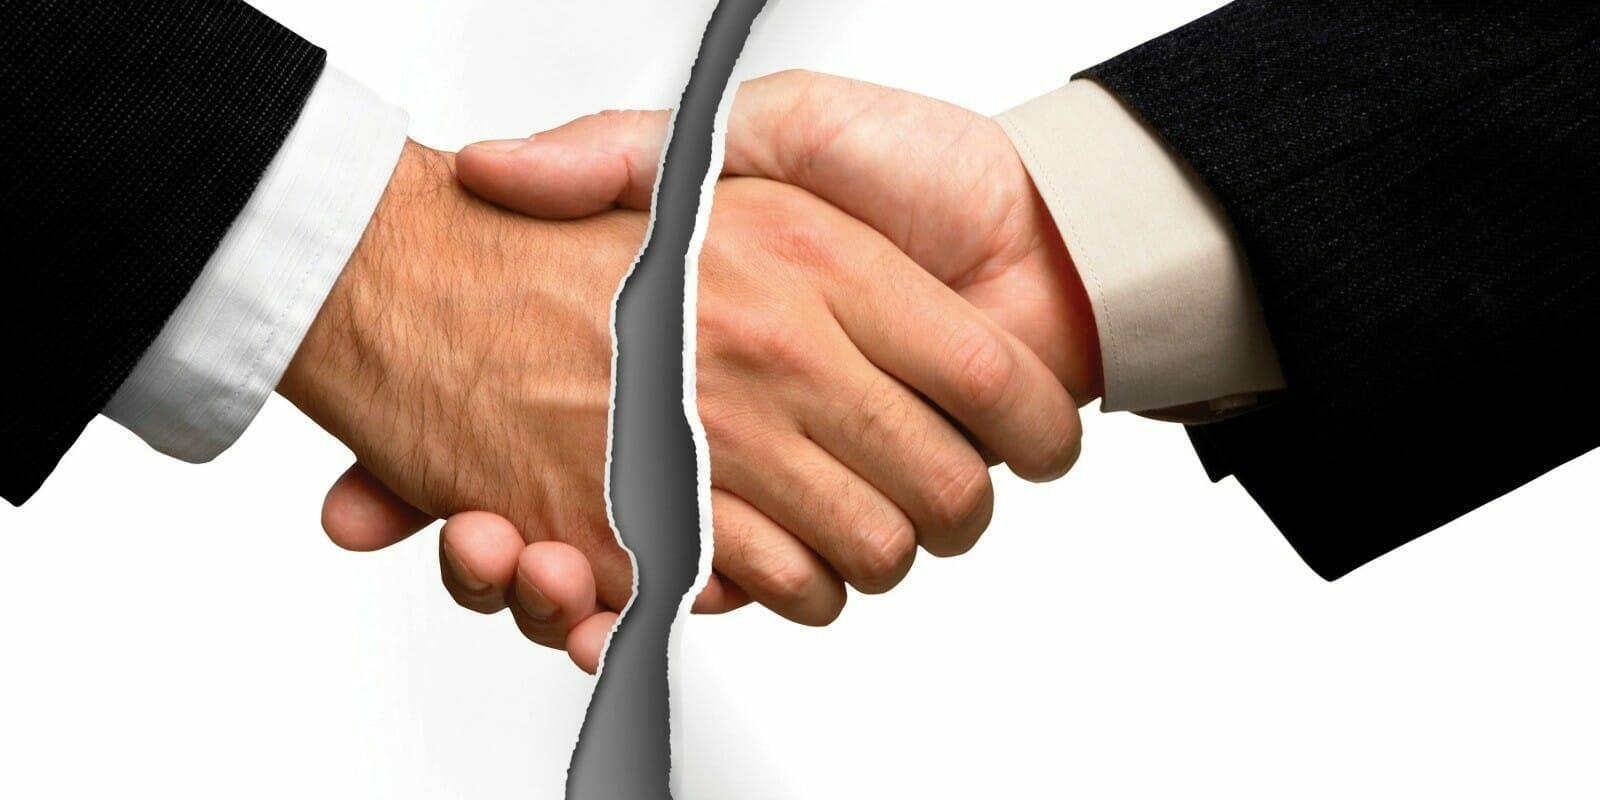 Conciliação/Acordo em audiência – O que acontece quando há descumprimento?